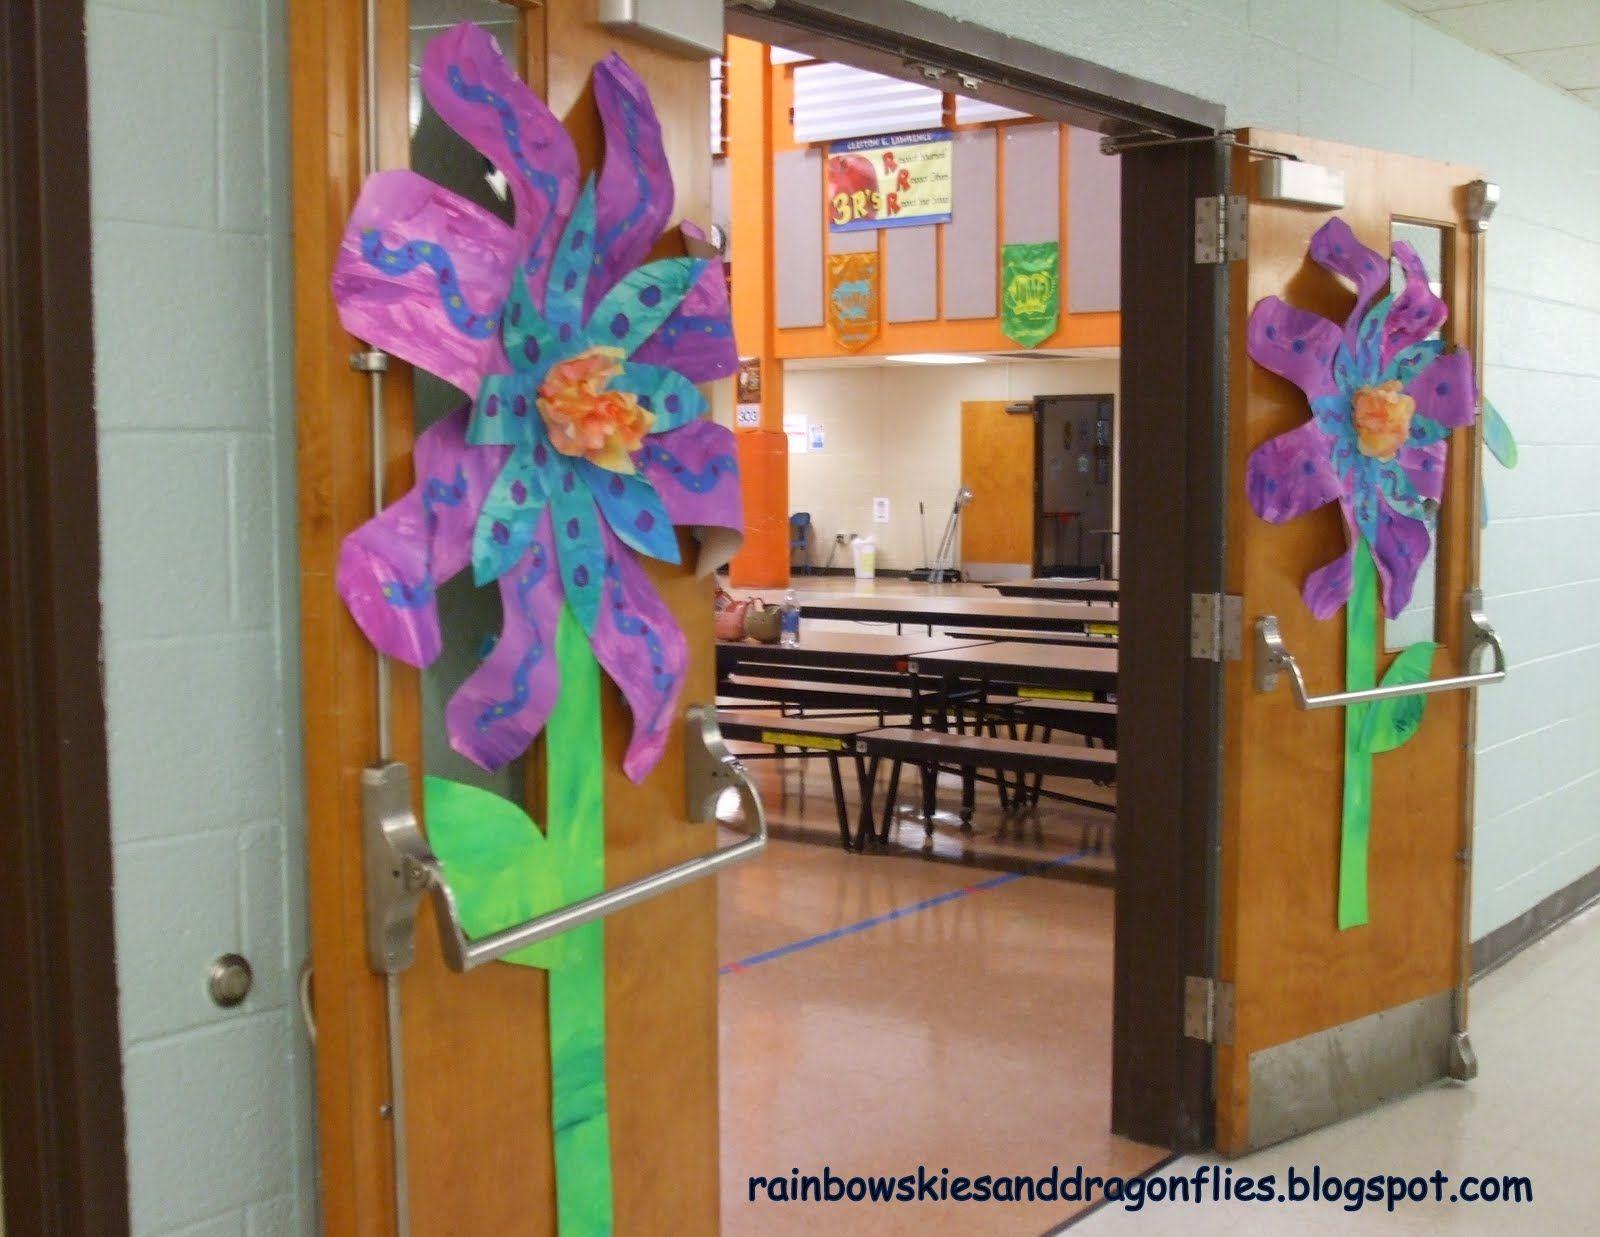 Rainbow skies u dragonflies giant flowers bulletin boards doors